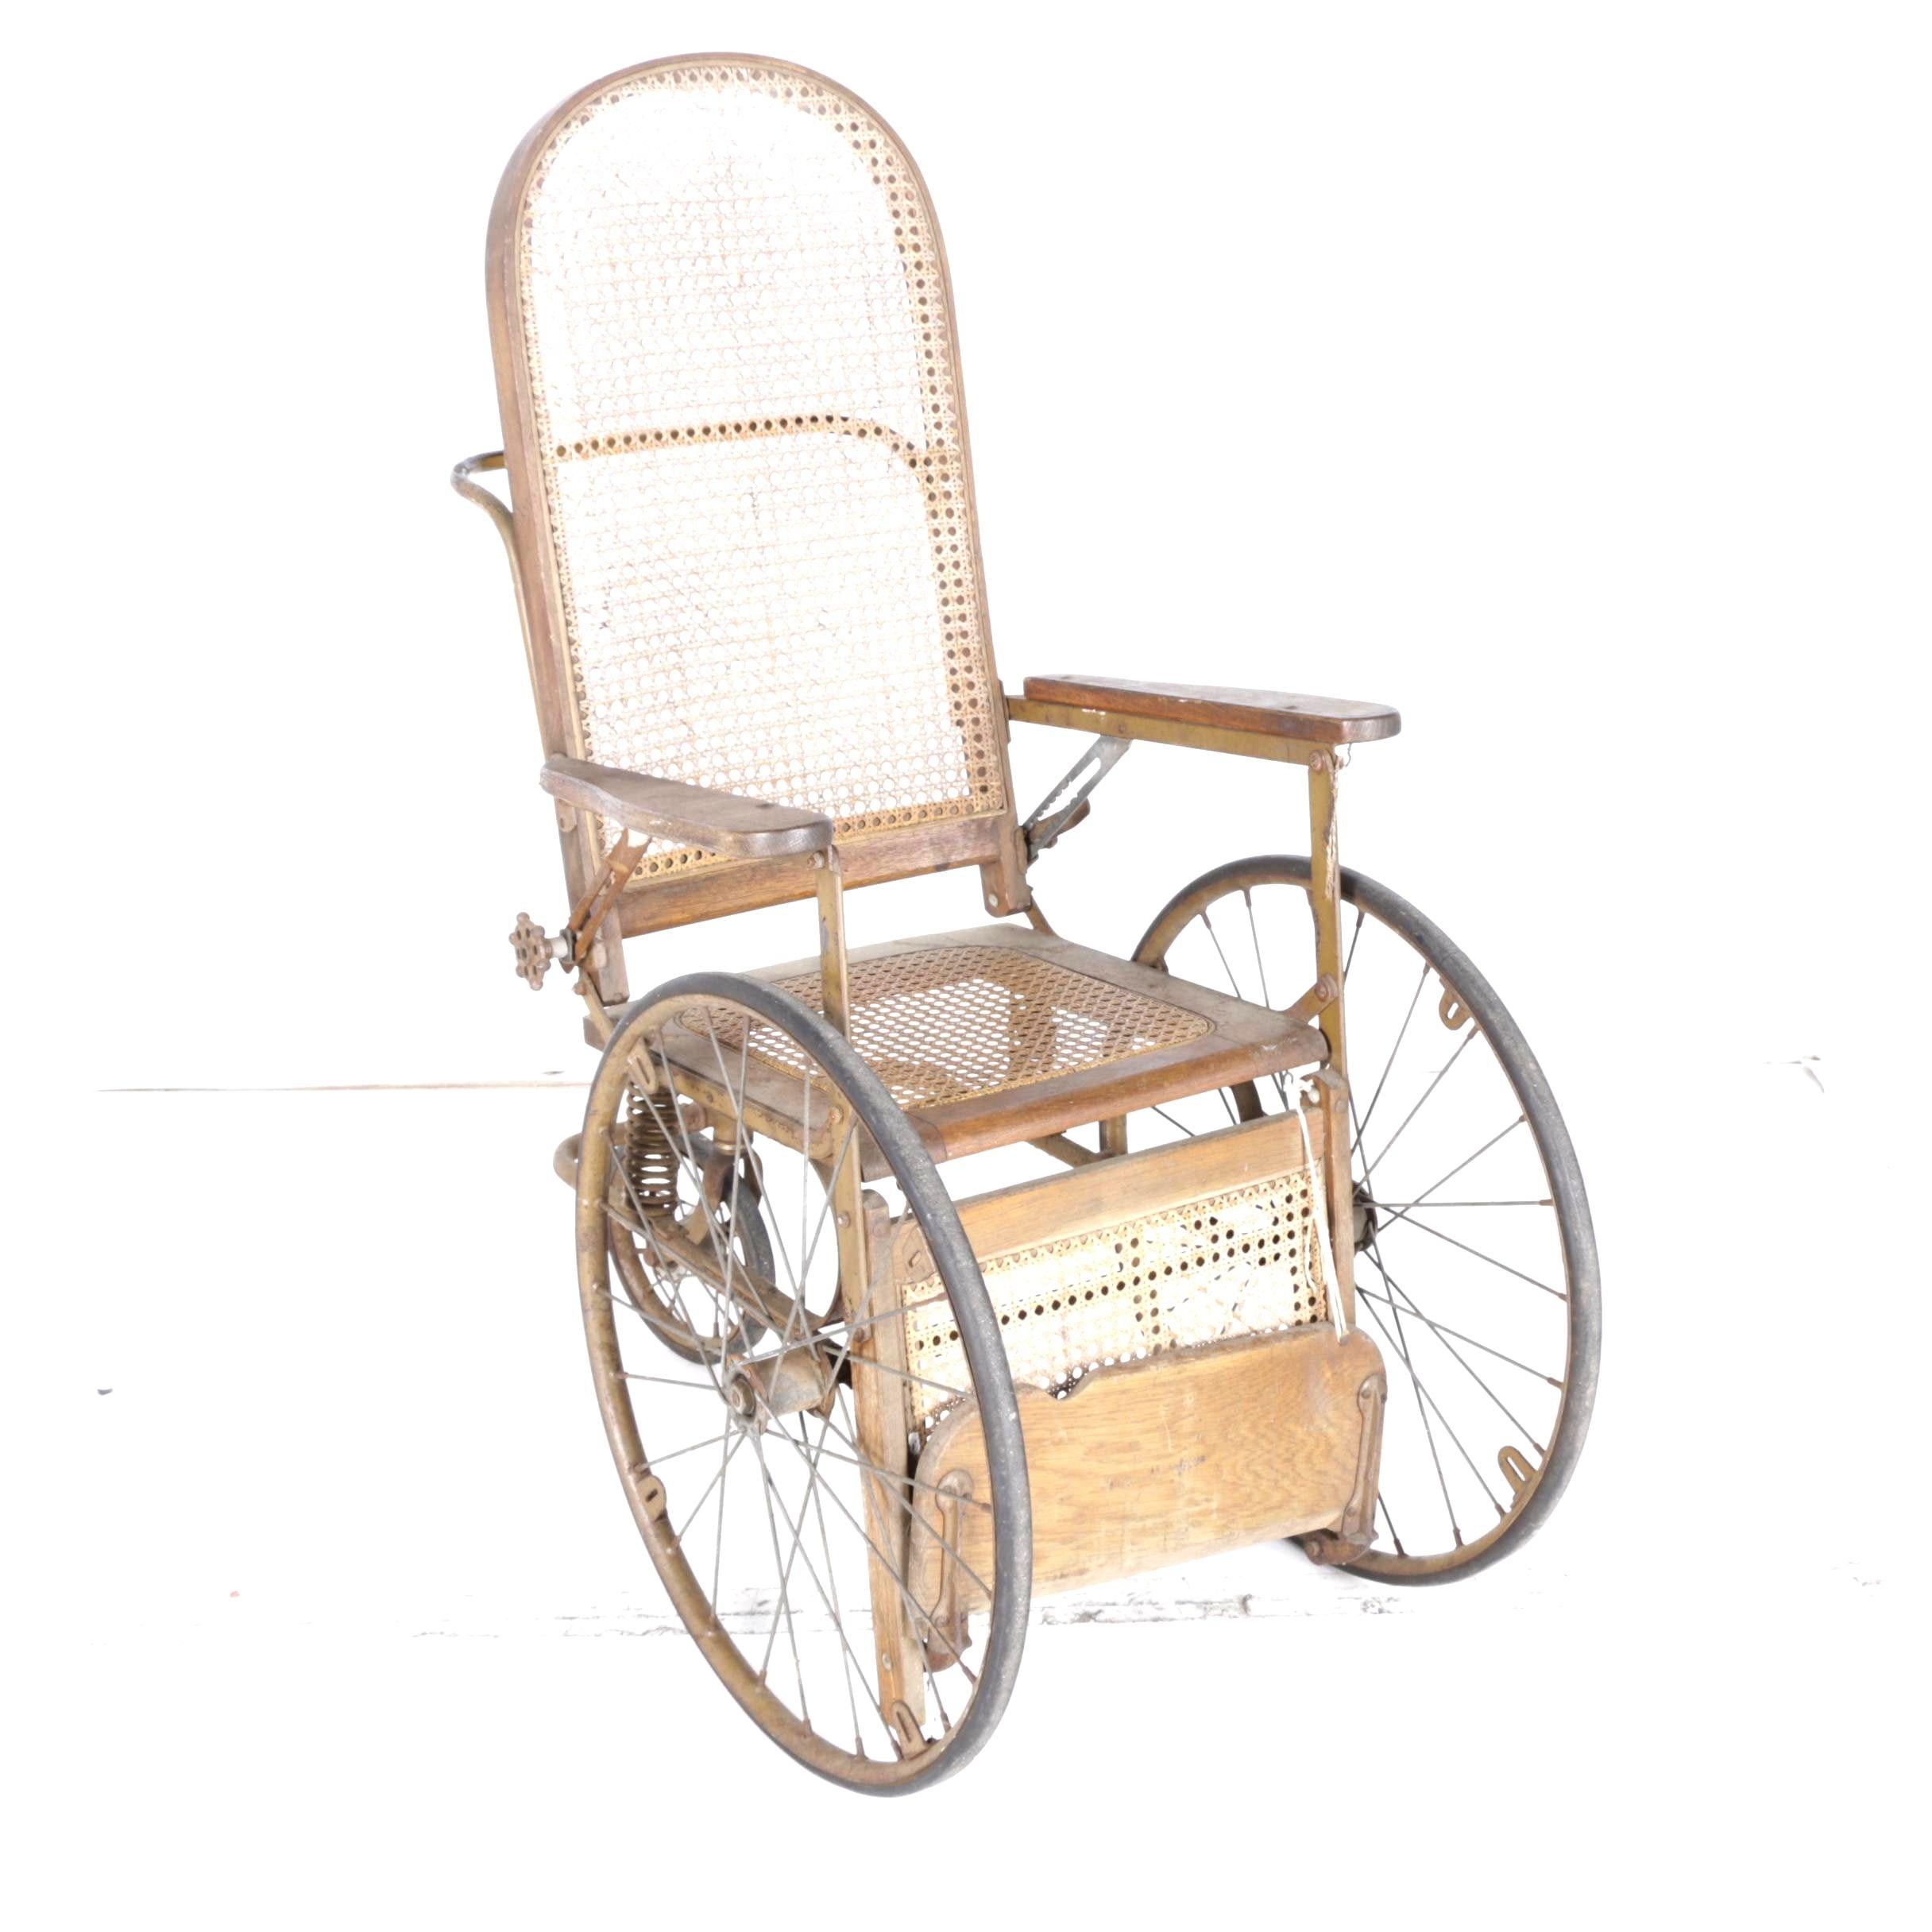 Circa 1930s The Gendron Wheel Co. Wheelchair